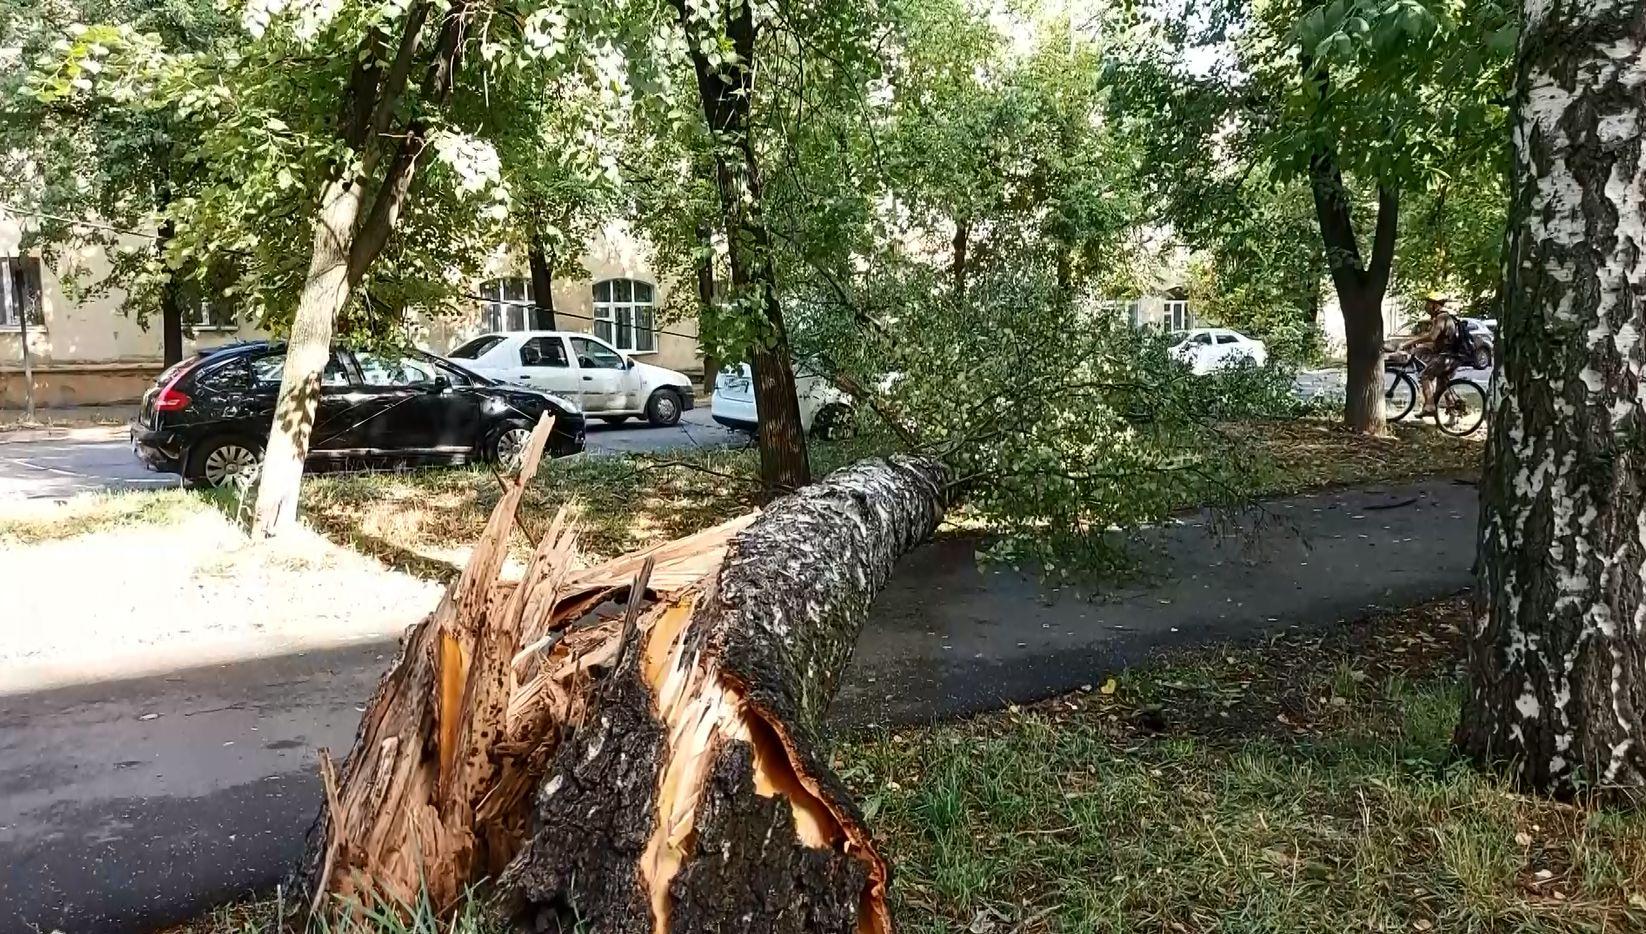 В ночь на 3 августа Ярославль пережил настоящий ураган: вырванные деревья, сорванные крыши и утопающие в воде машины